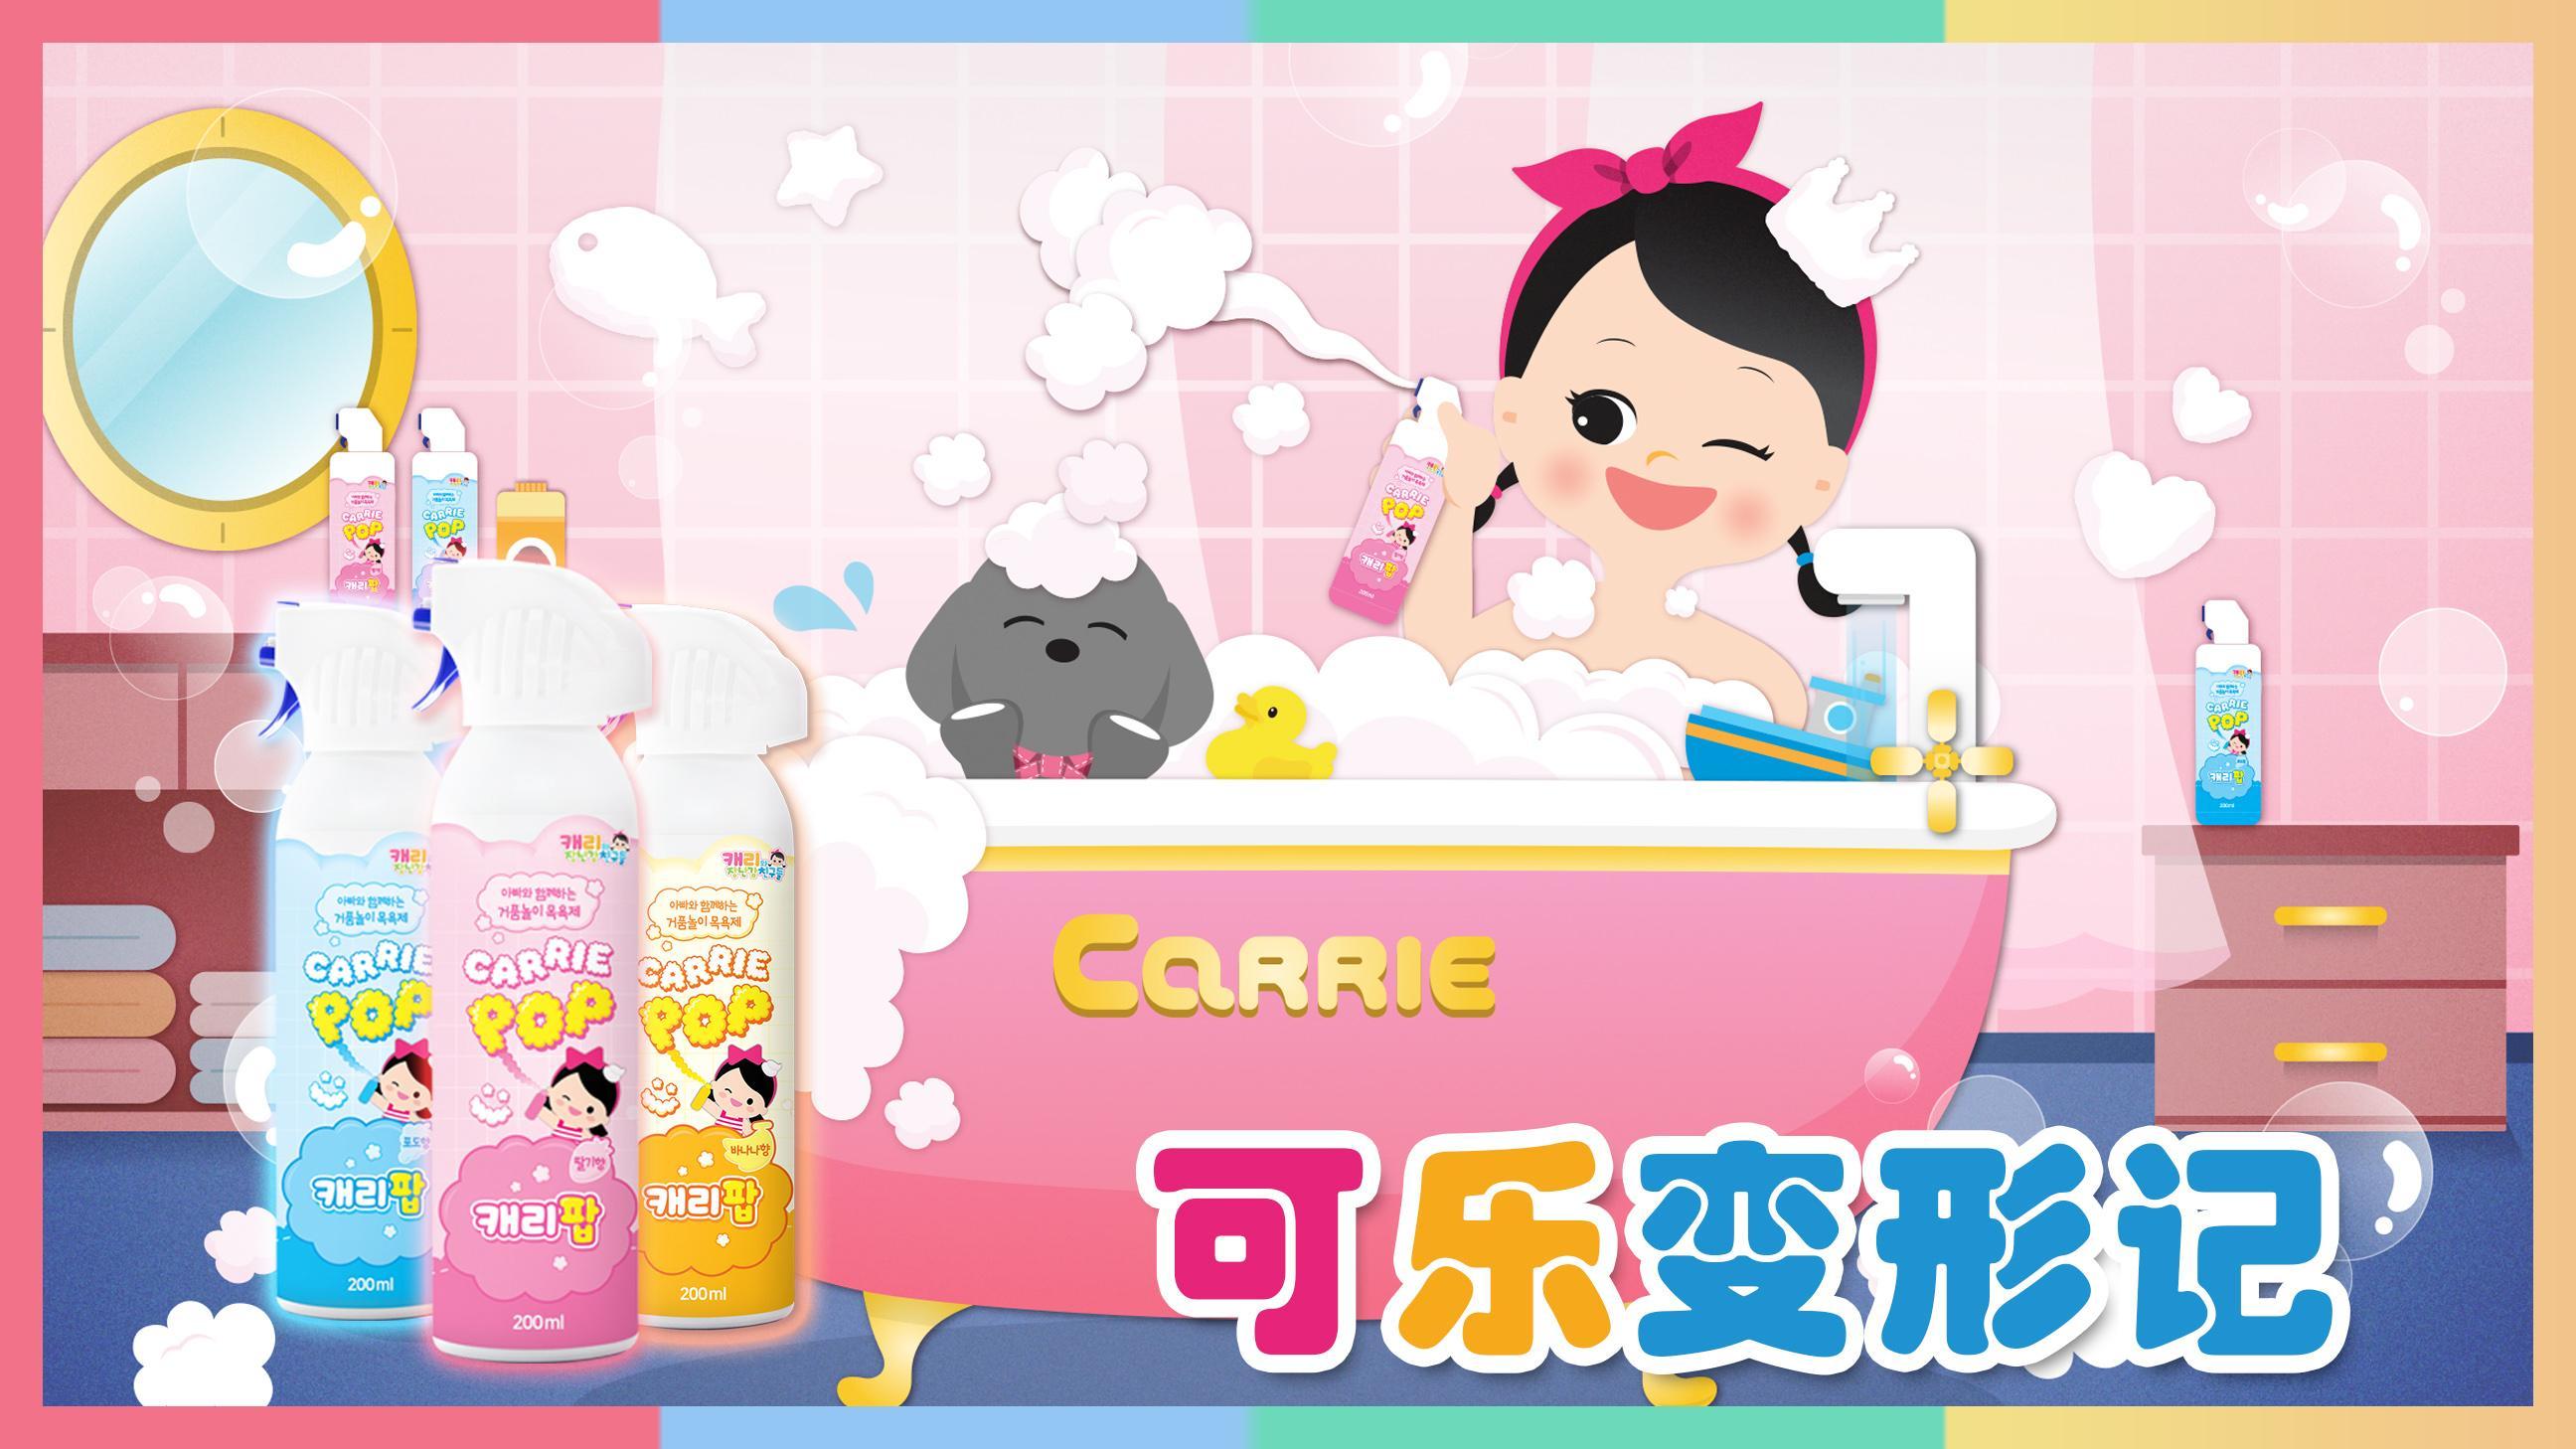 泡泡欢乐多!可乐狗的泡泡浴变形记 | 凯利和玩具朋友们 CarrieAndToys